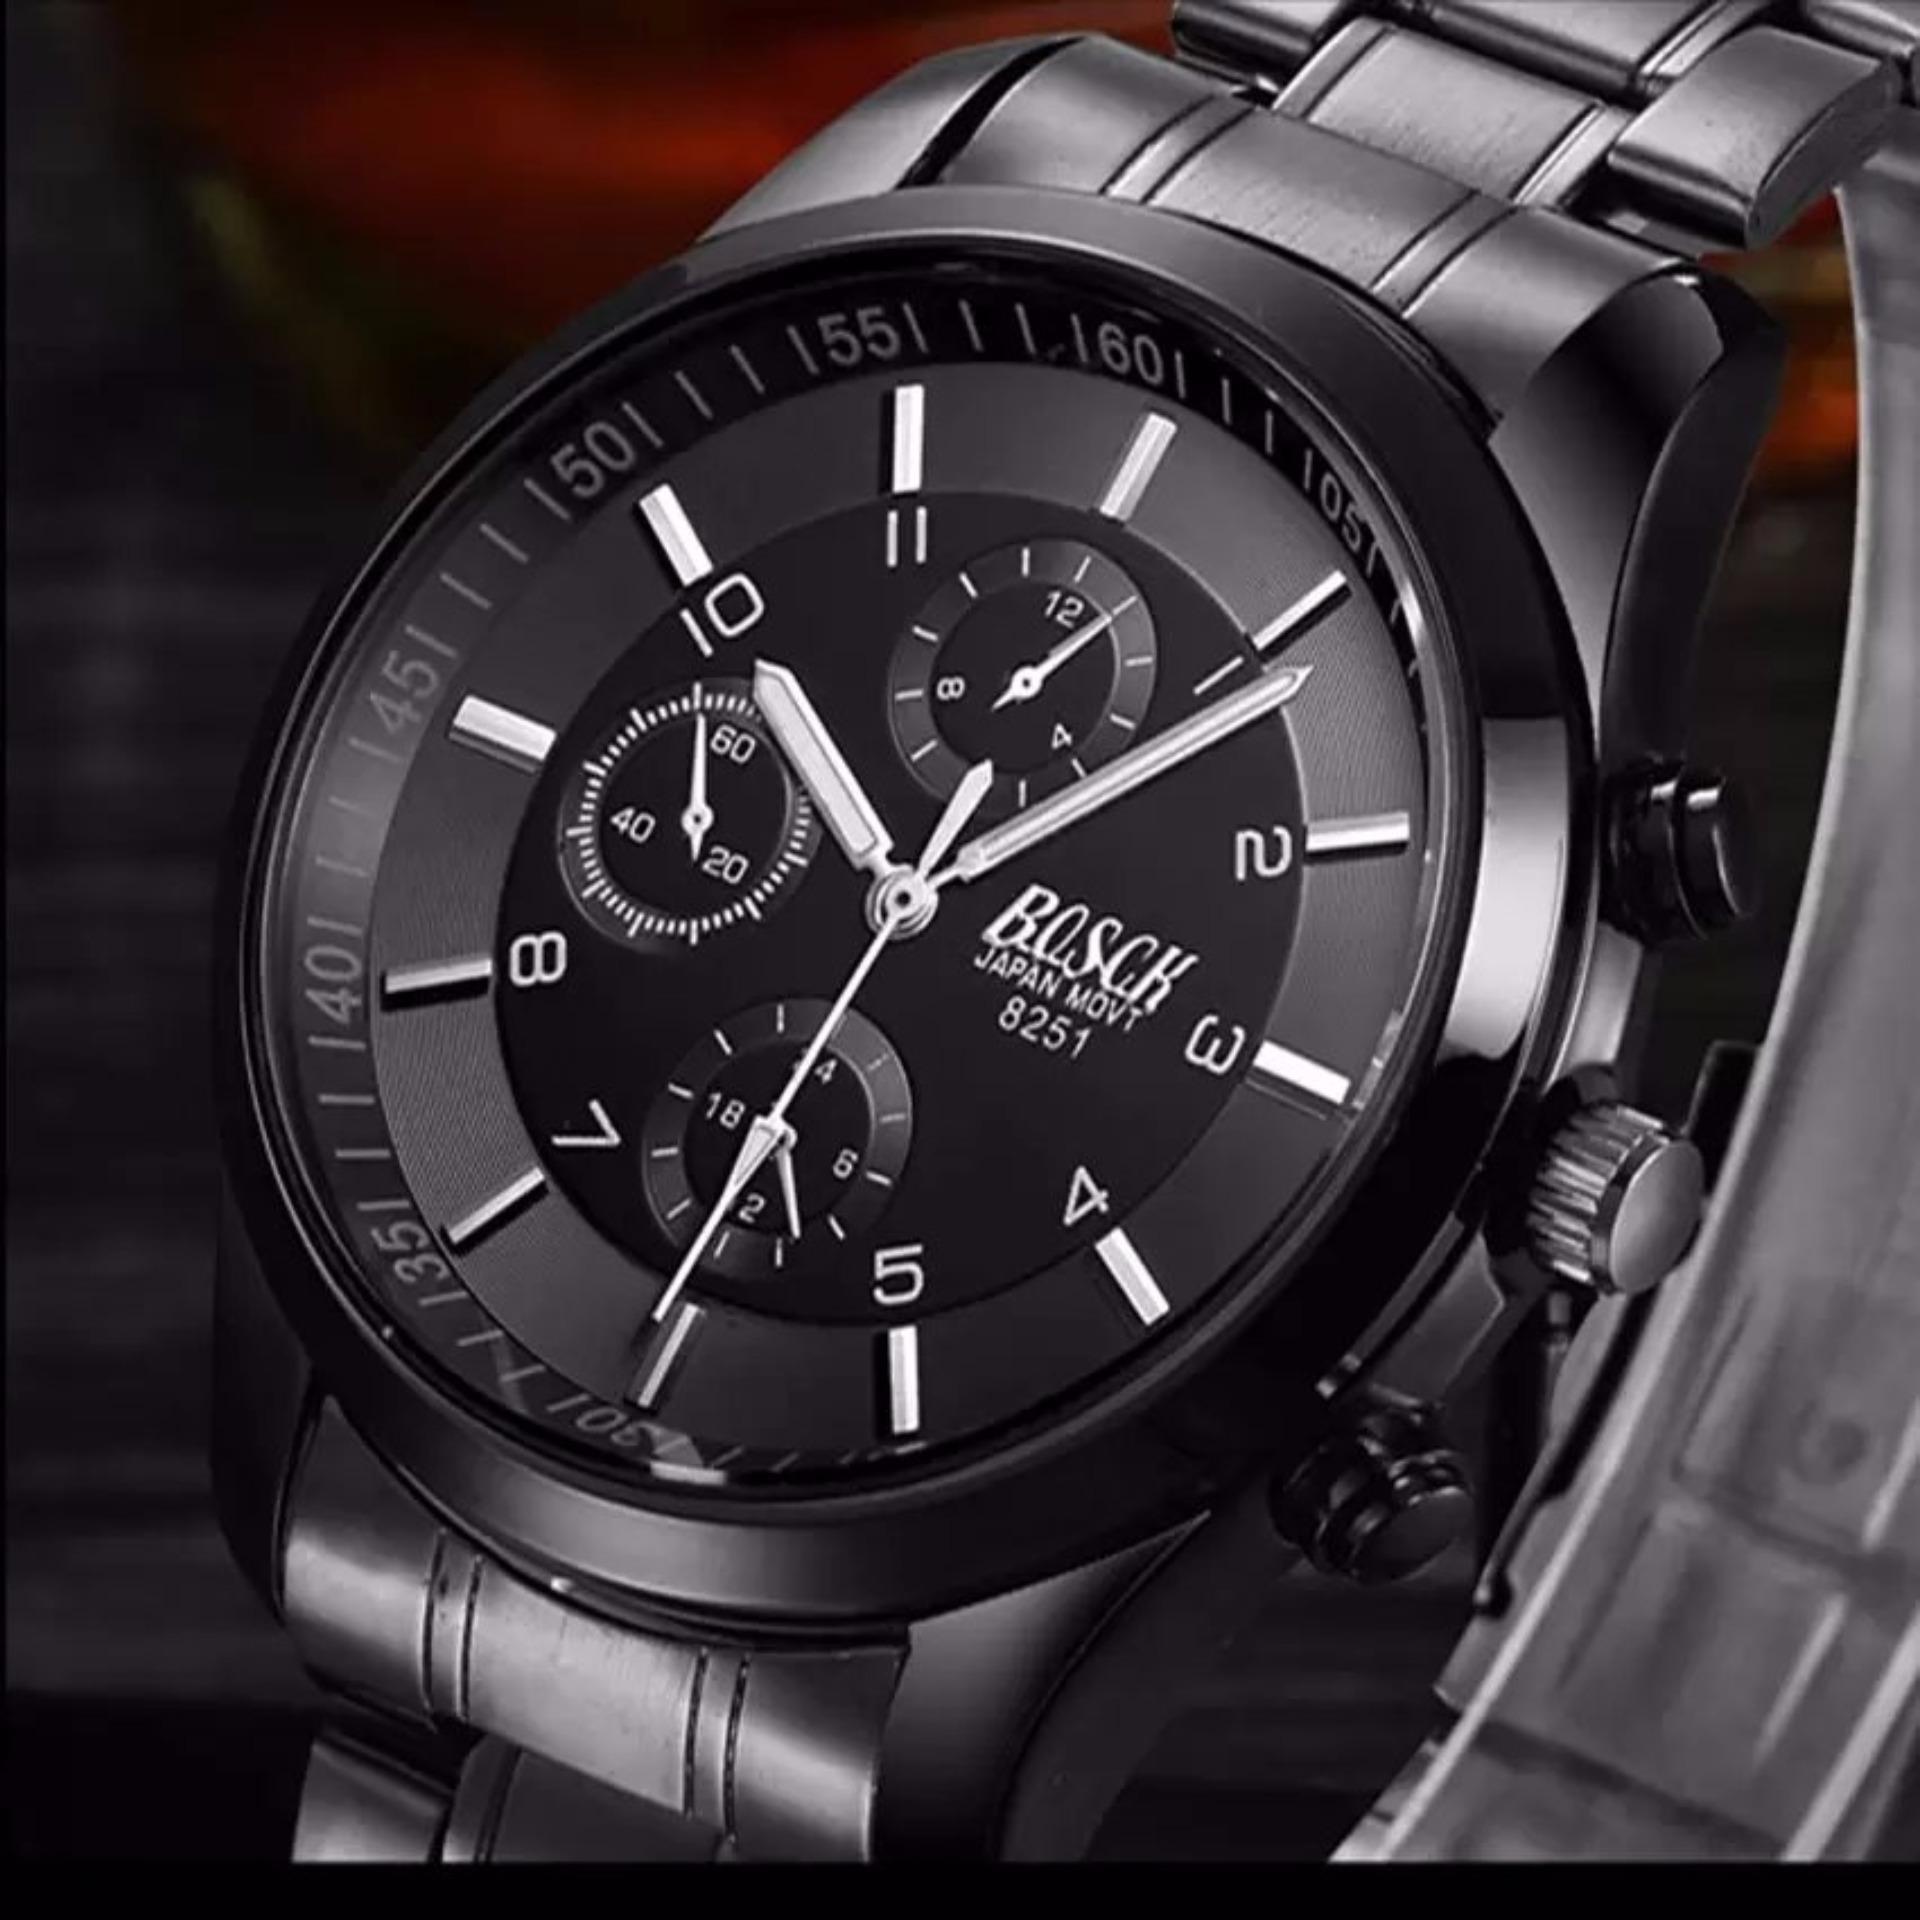 Đồng hồ nam dây thép đen cao cấp BOSCK 8251(Dark Grey)